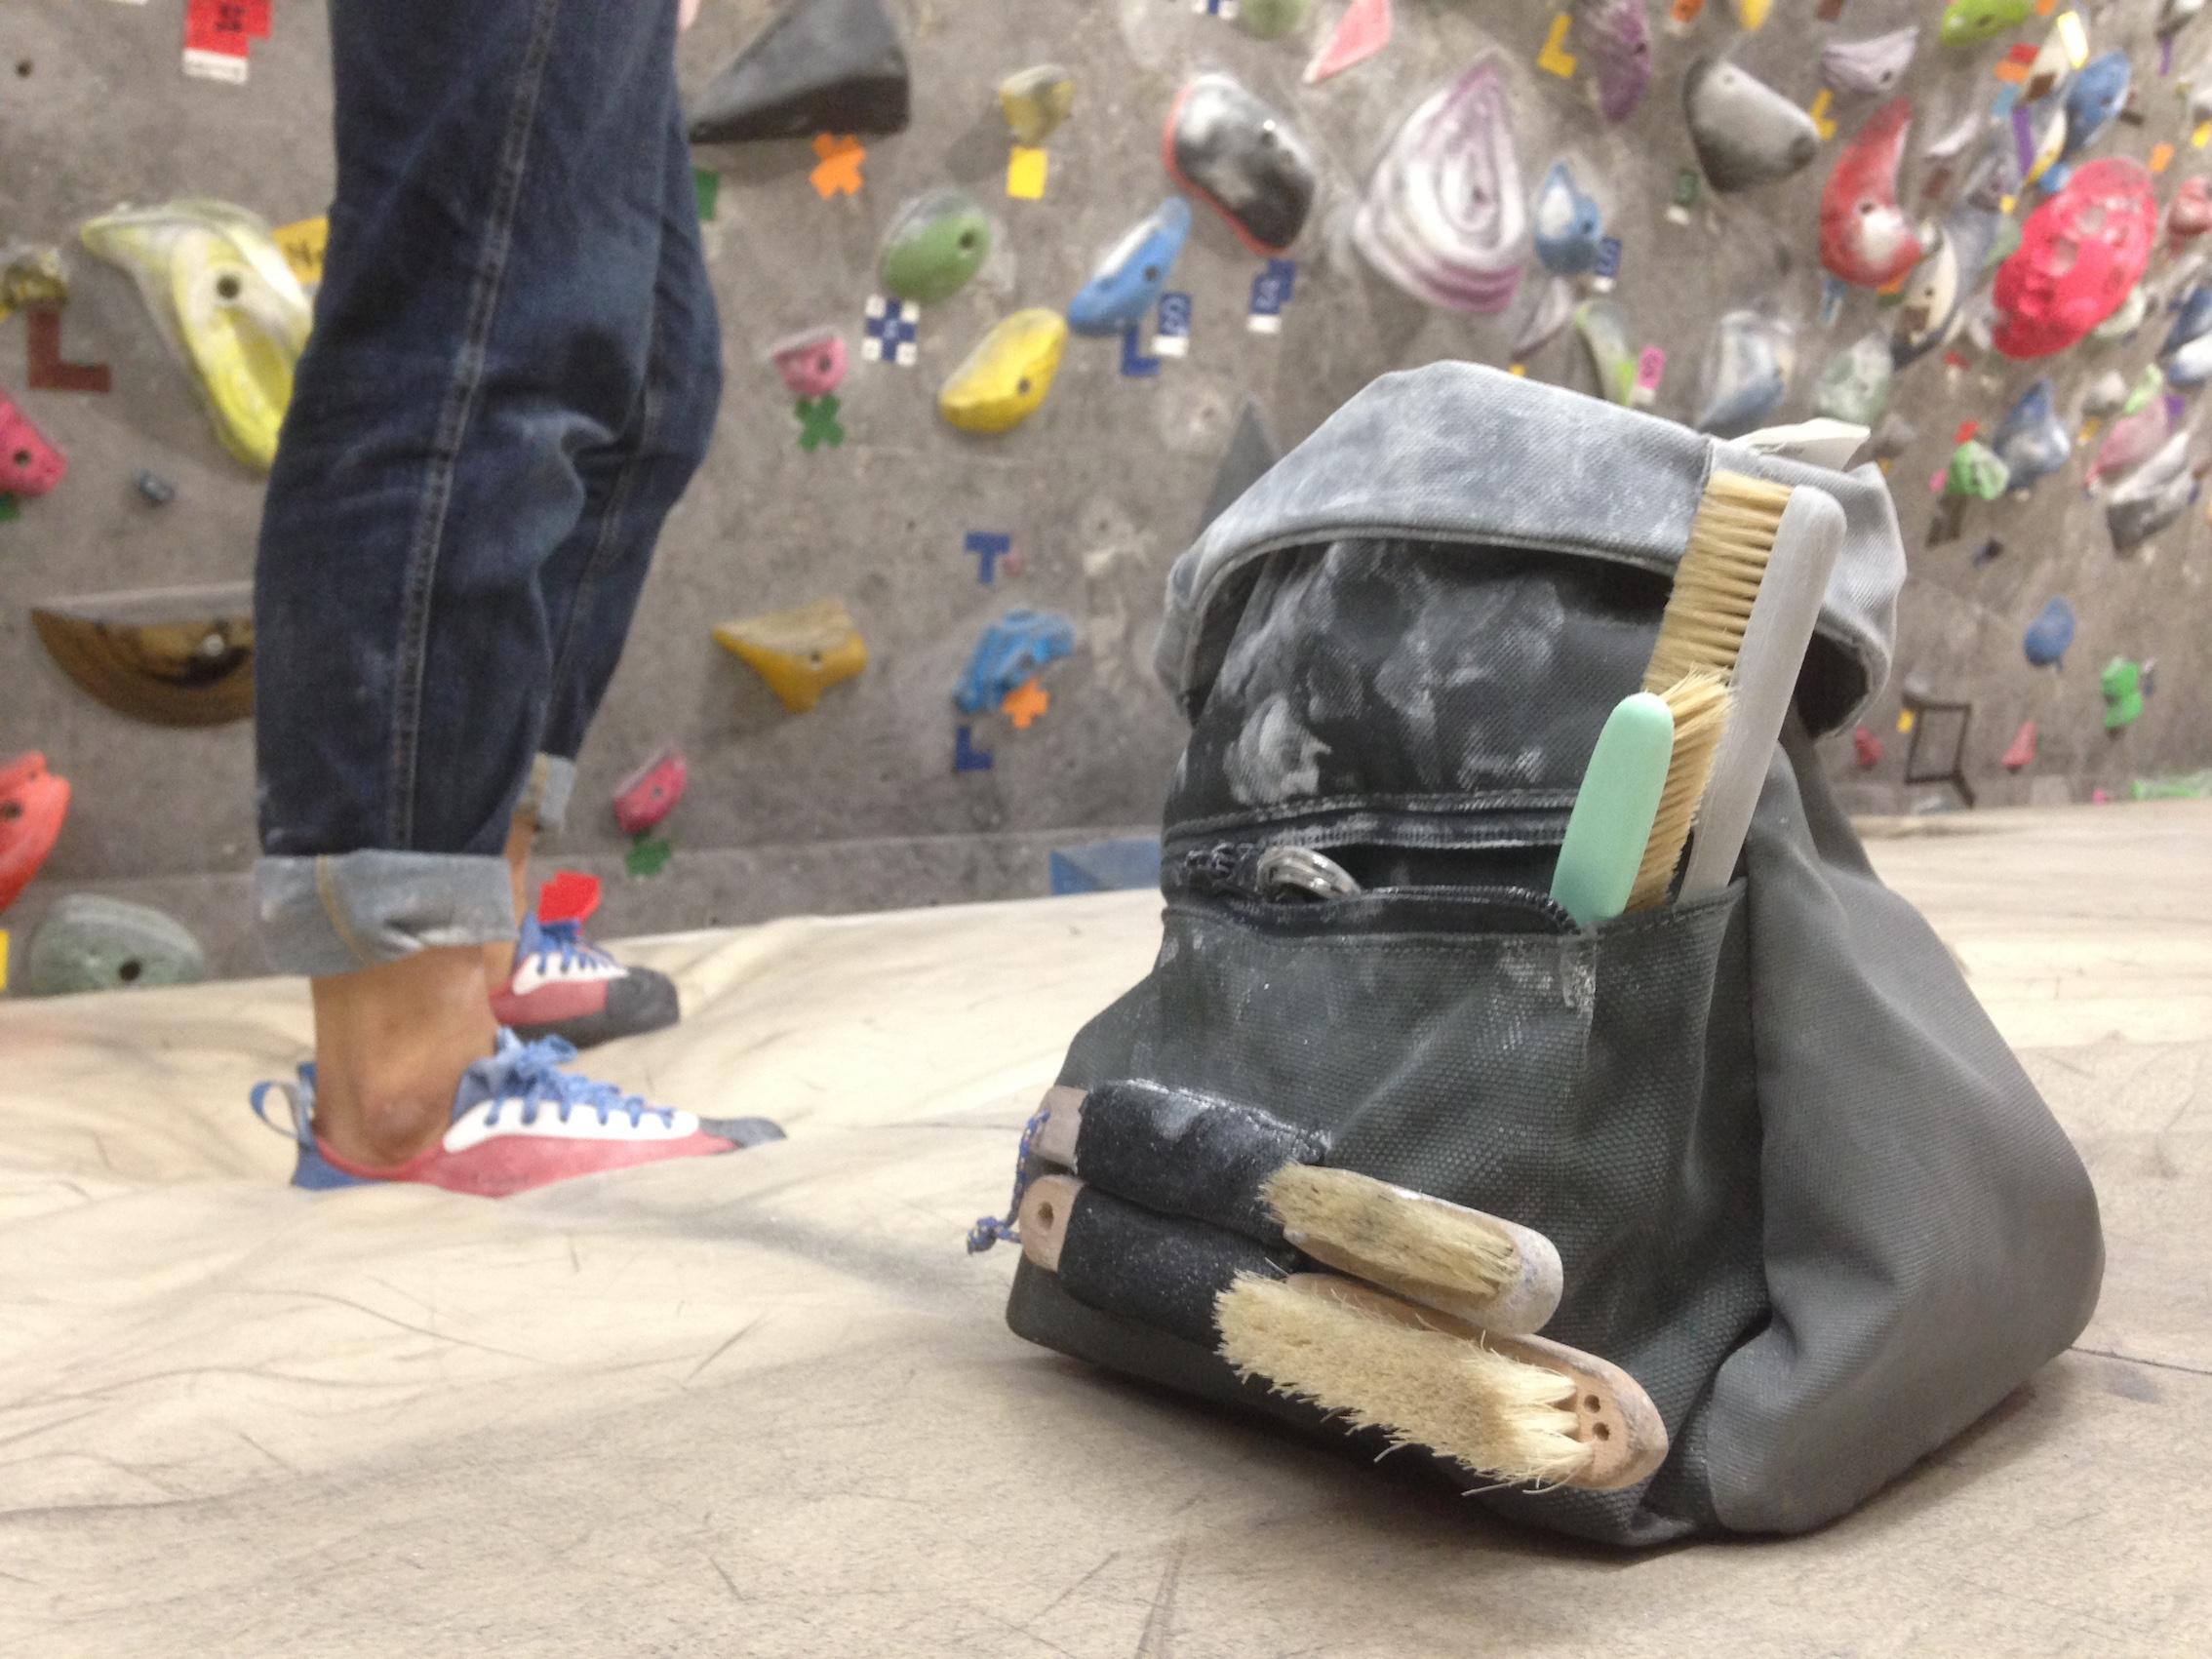 バケツタイプのバッグにブラシ大量